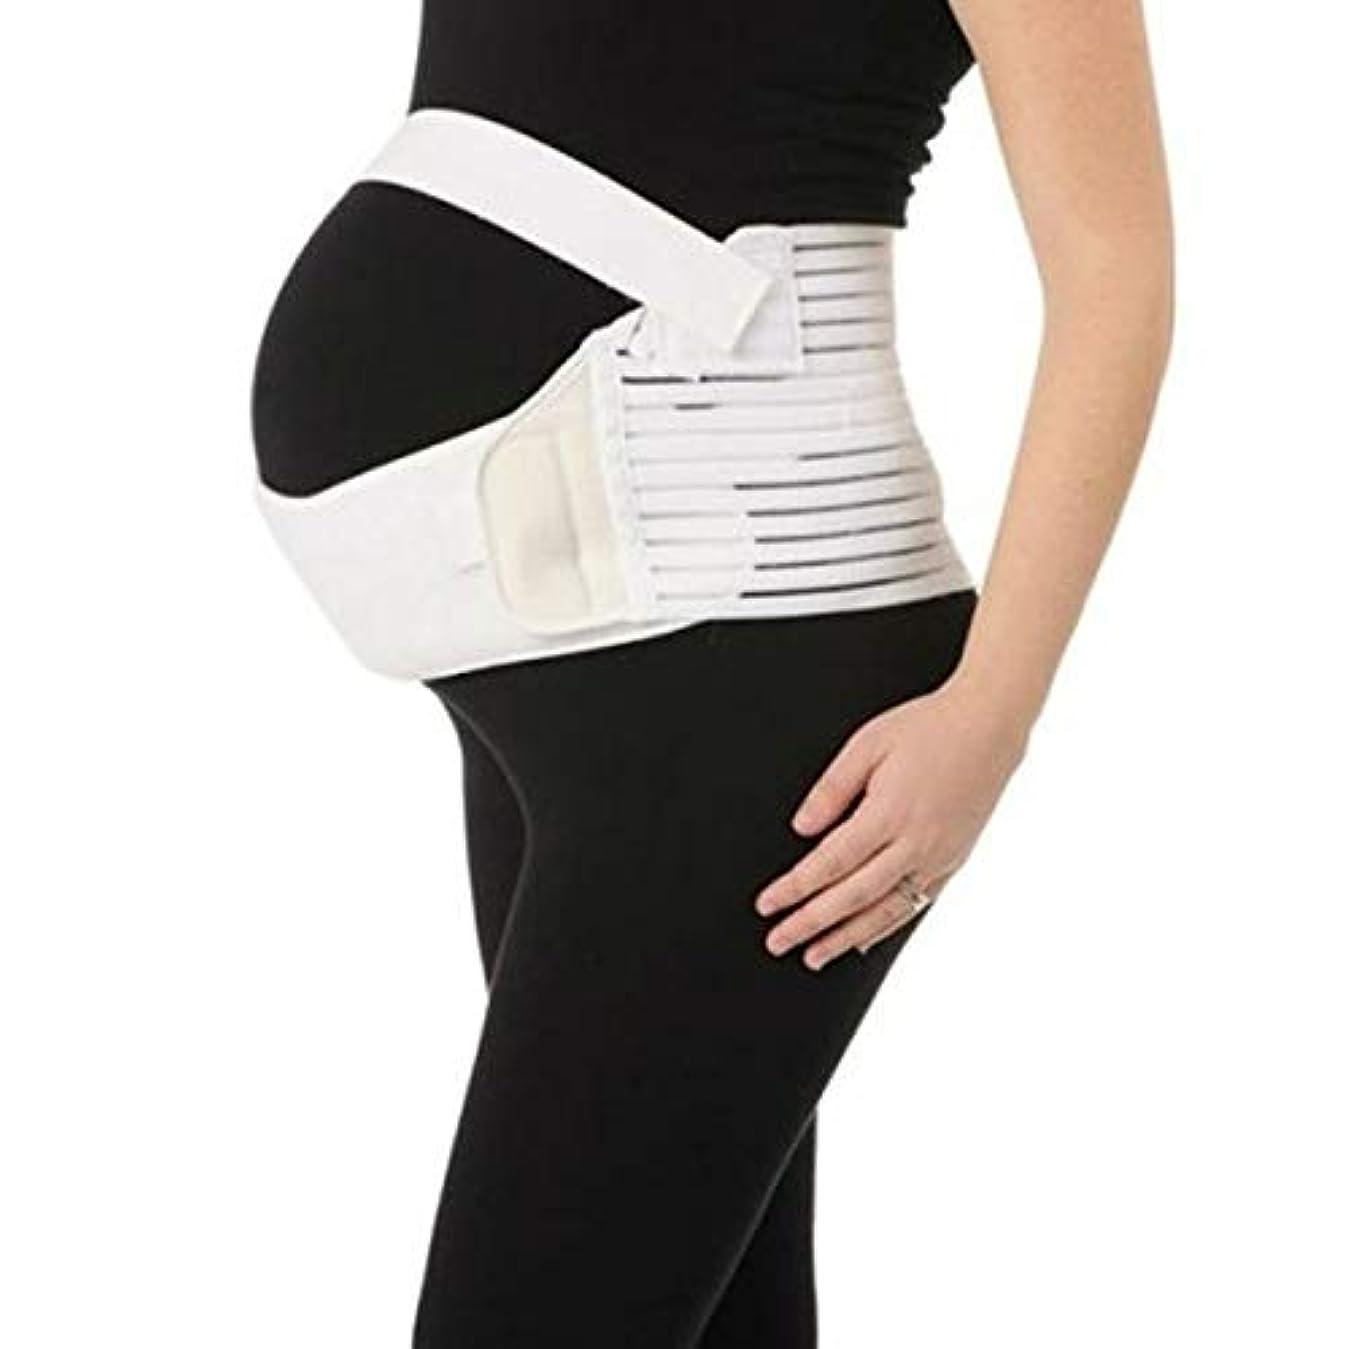 傷つけるすり減る可動通気性マタニティベルト妊娠腹部サポート腹部バインダーガードル運動包帯産後回復形状ウェア - ホワイトXL